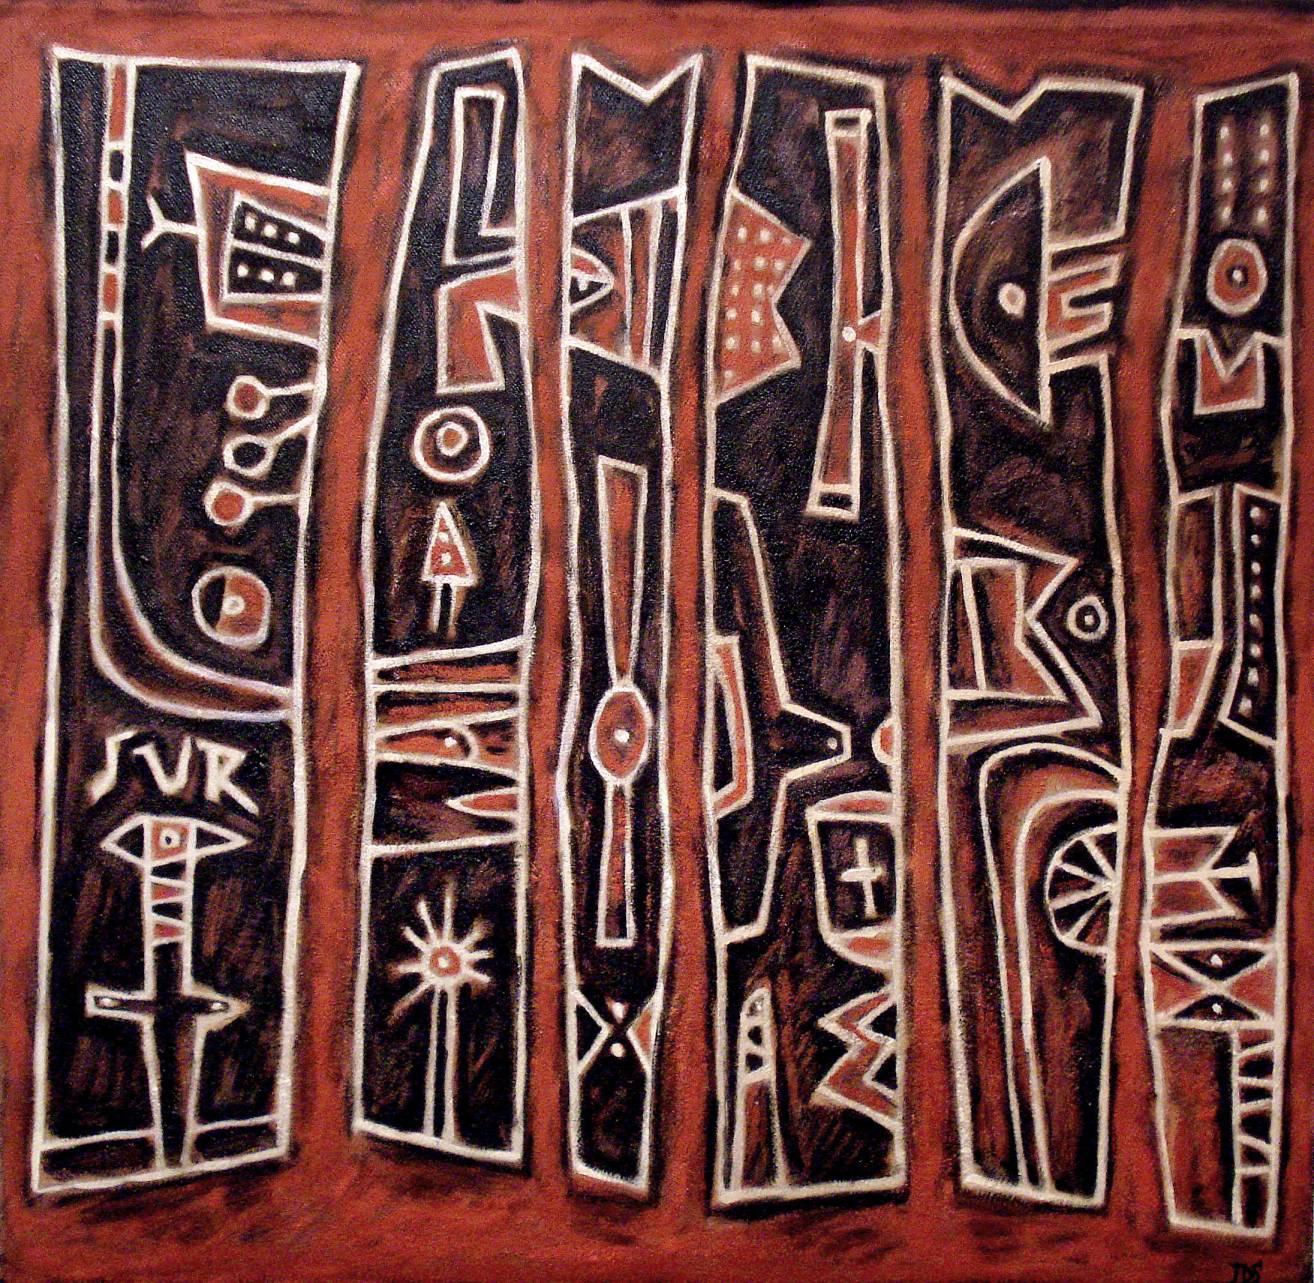 Estandartes (2008) - Jorge Della Sala